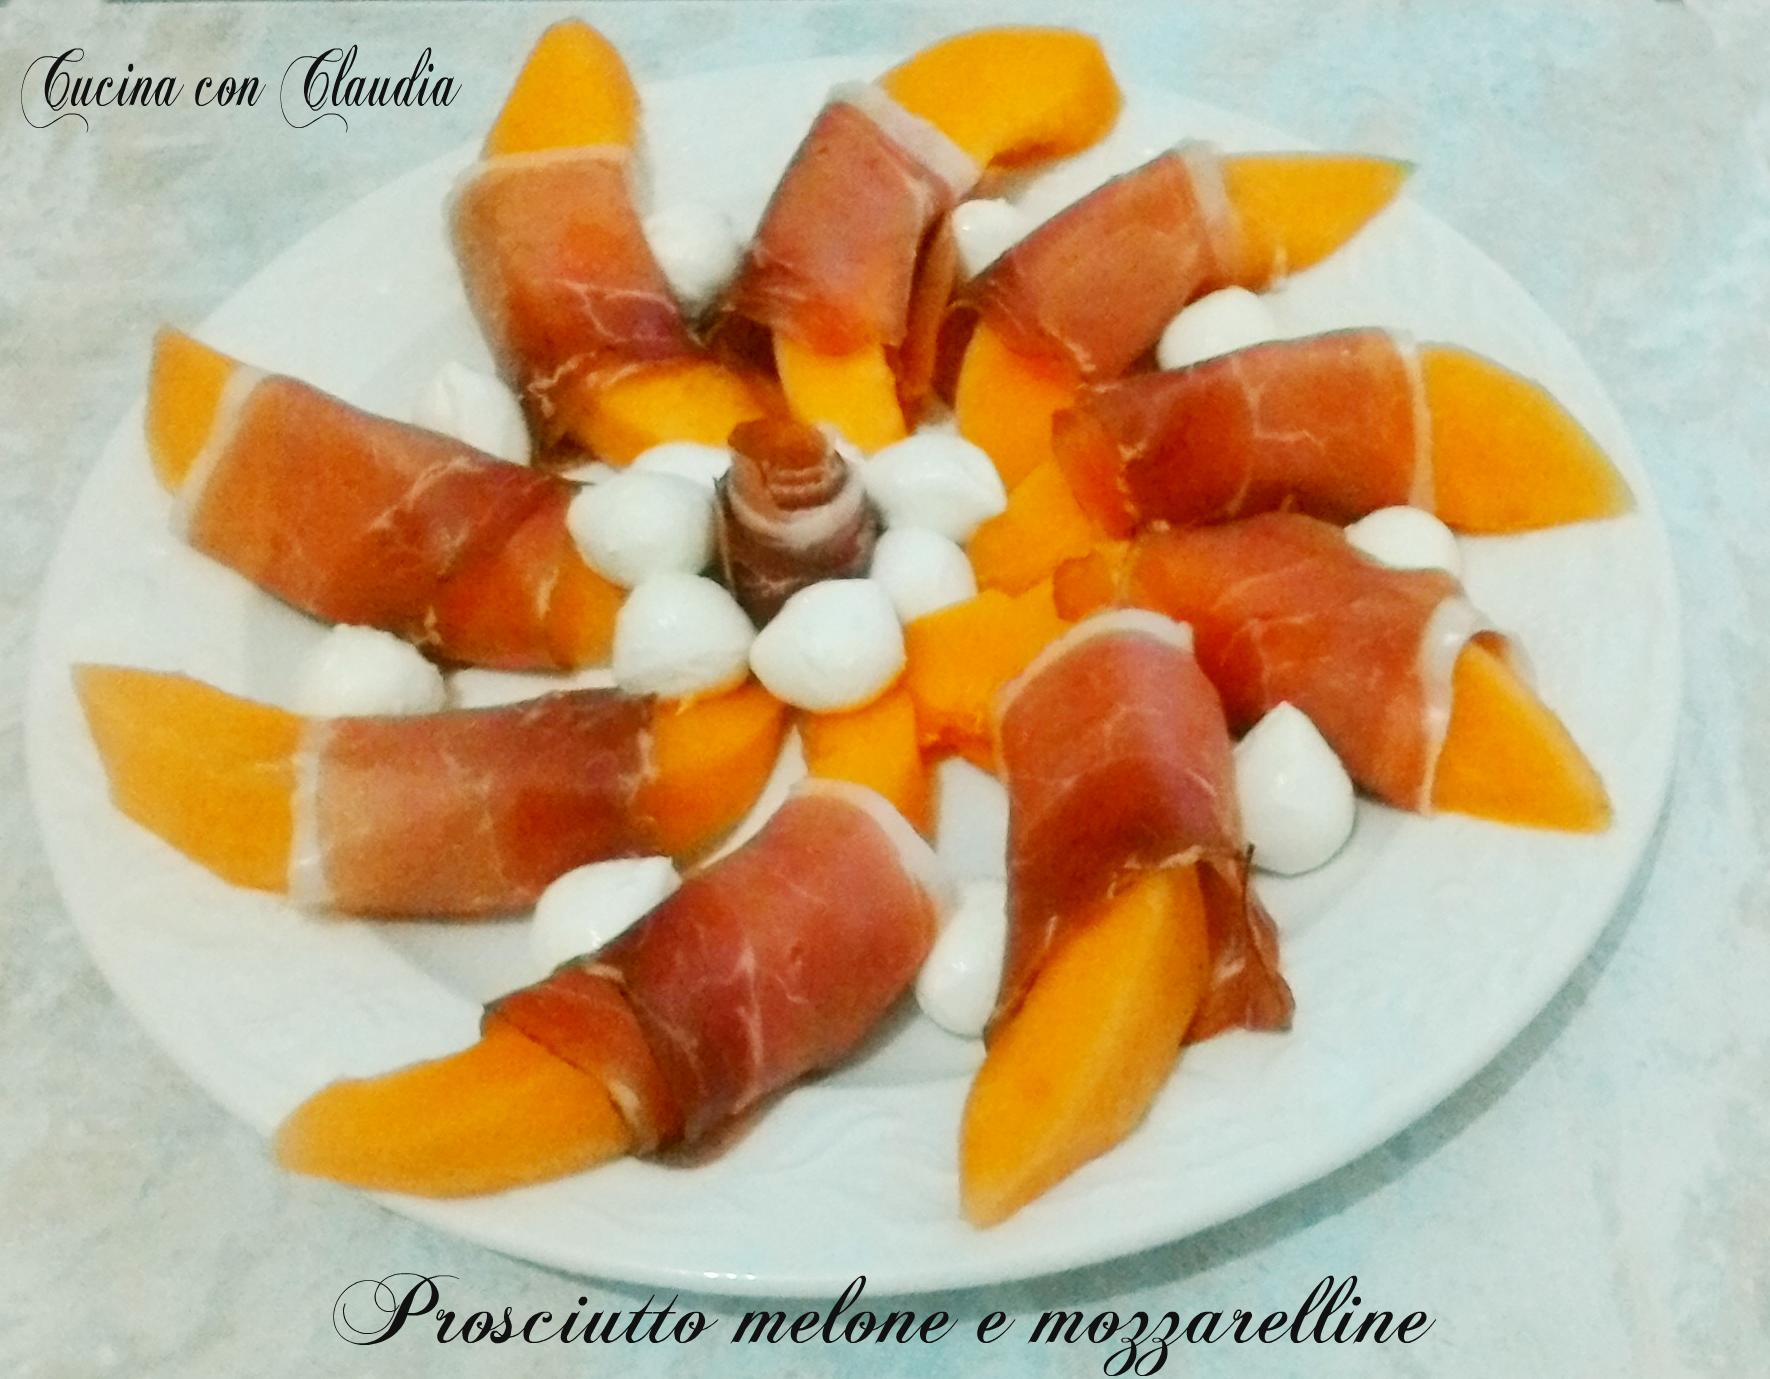 Presentazione Piatto Prosciutto E Melone.Prosciutto Melone E Mozzarelline Cucina Con Claudia